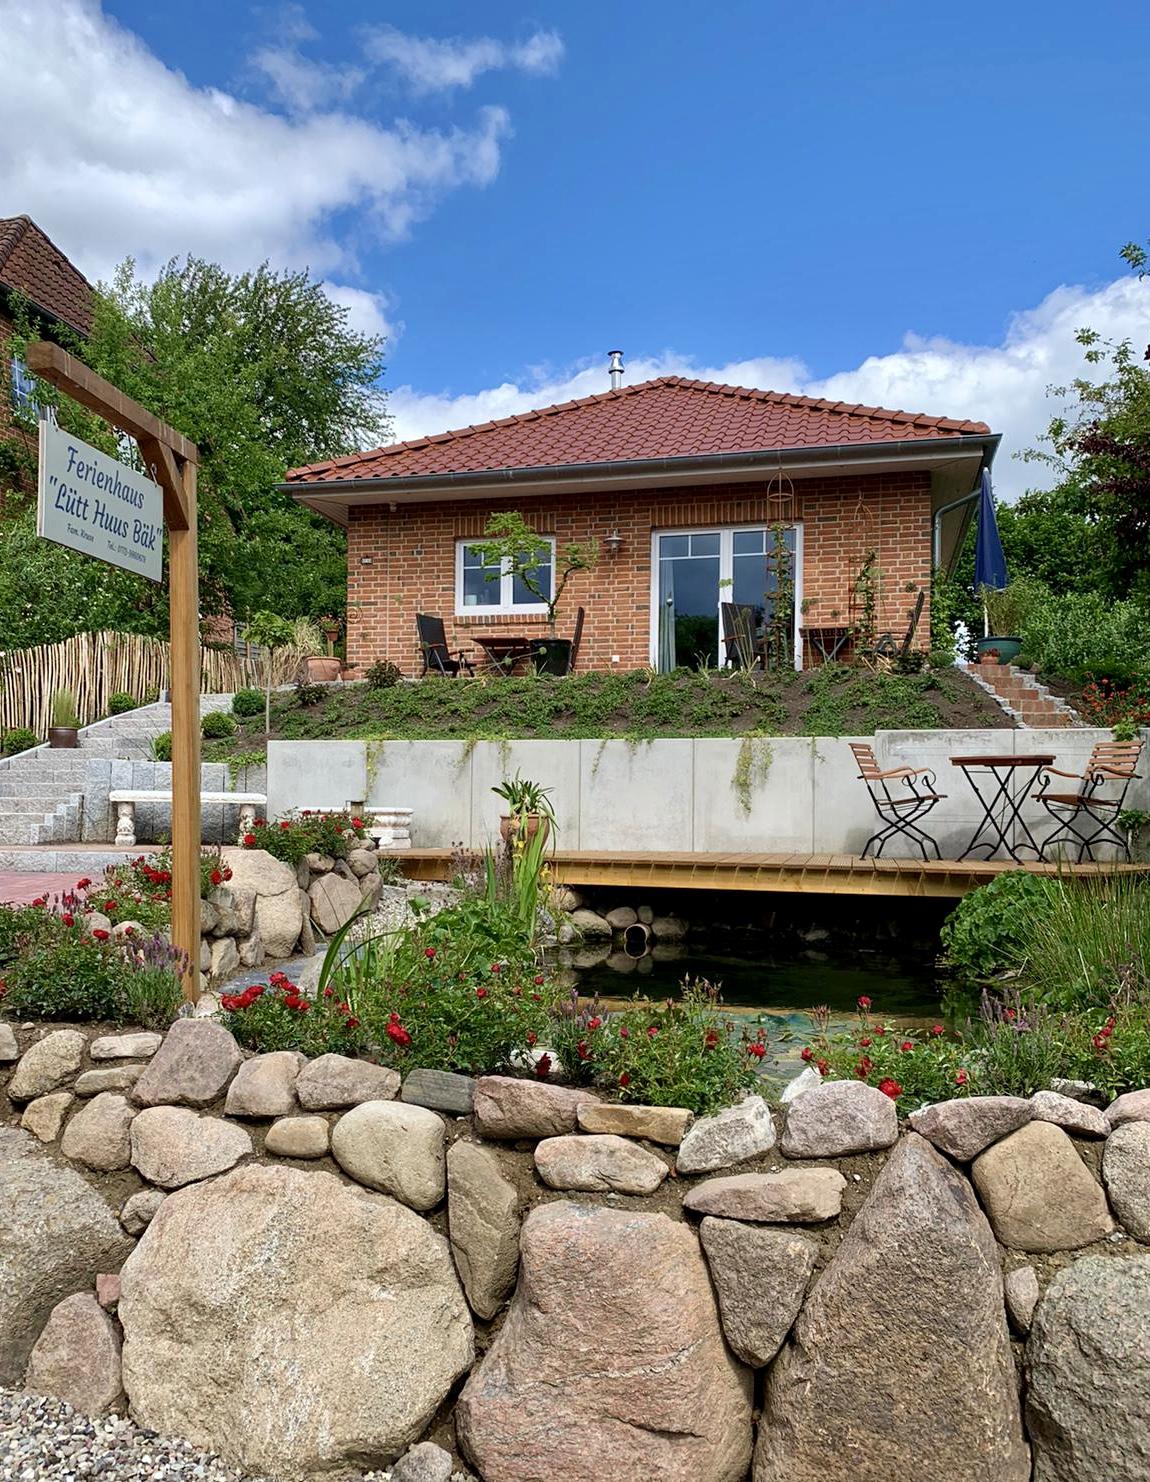 Teich mit Quellwasser ist von der Terrasse einsehbar